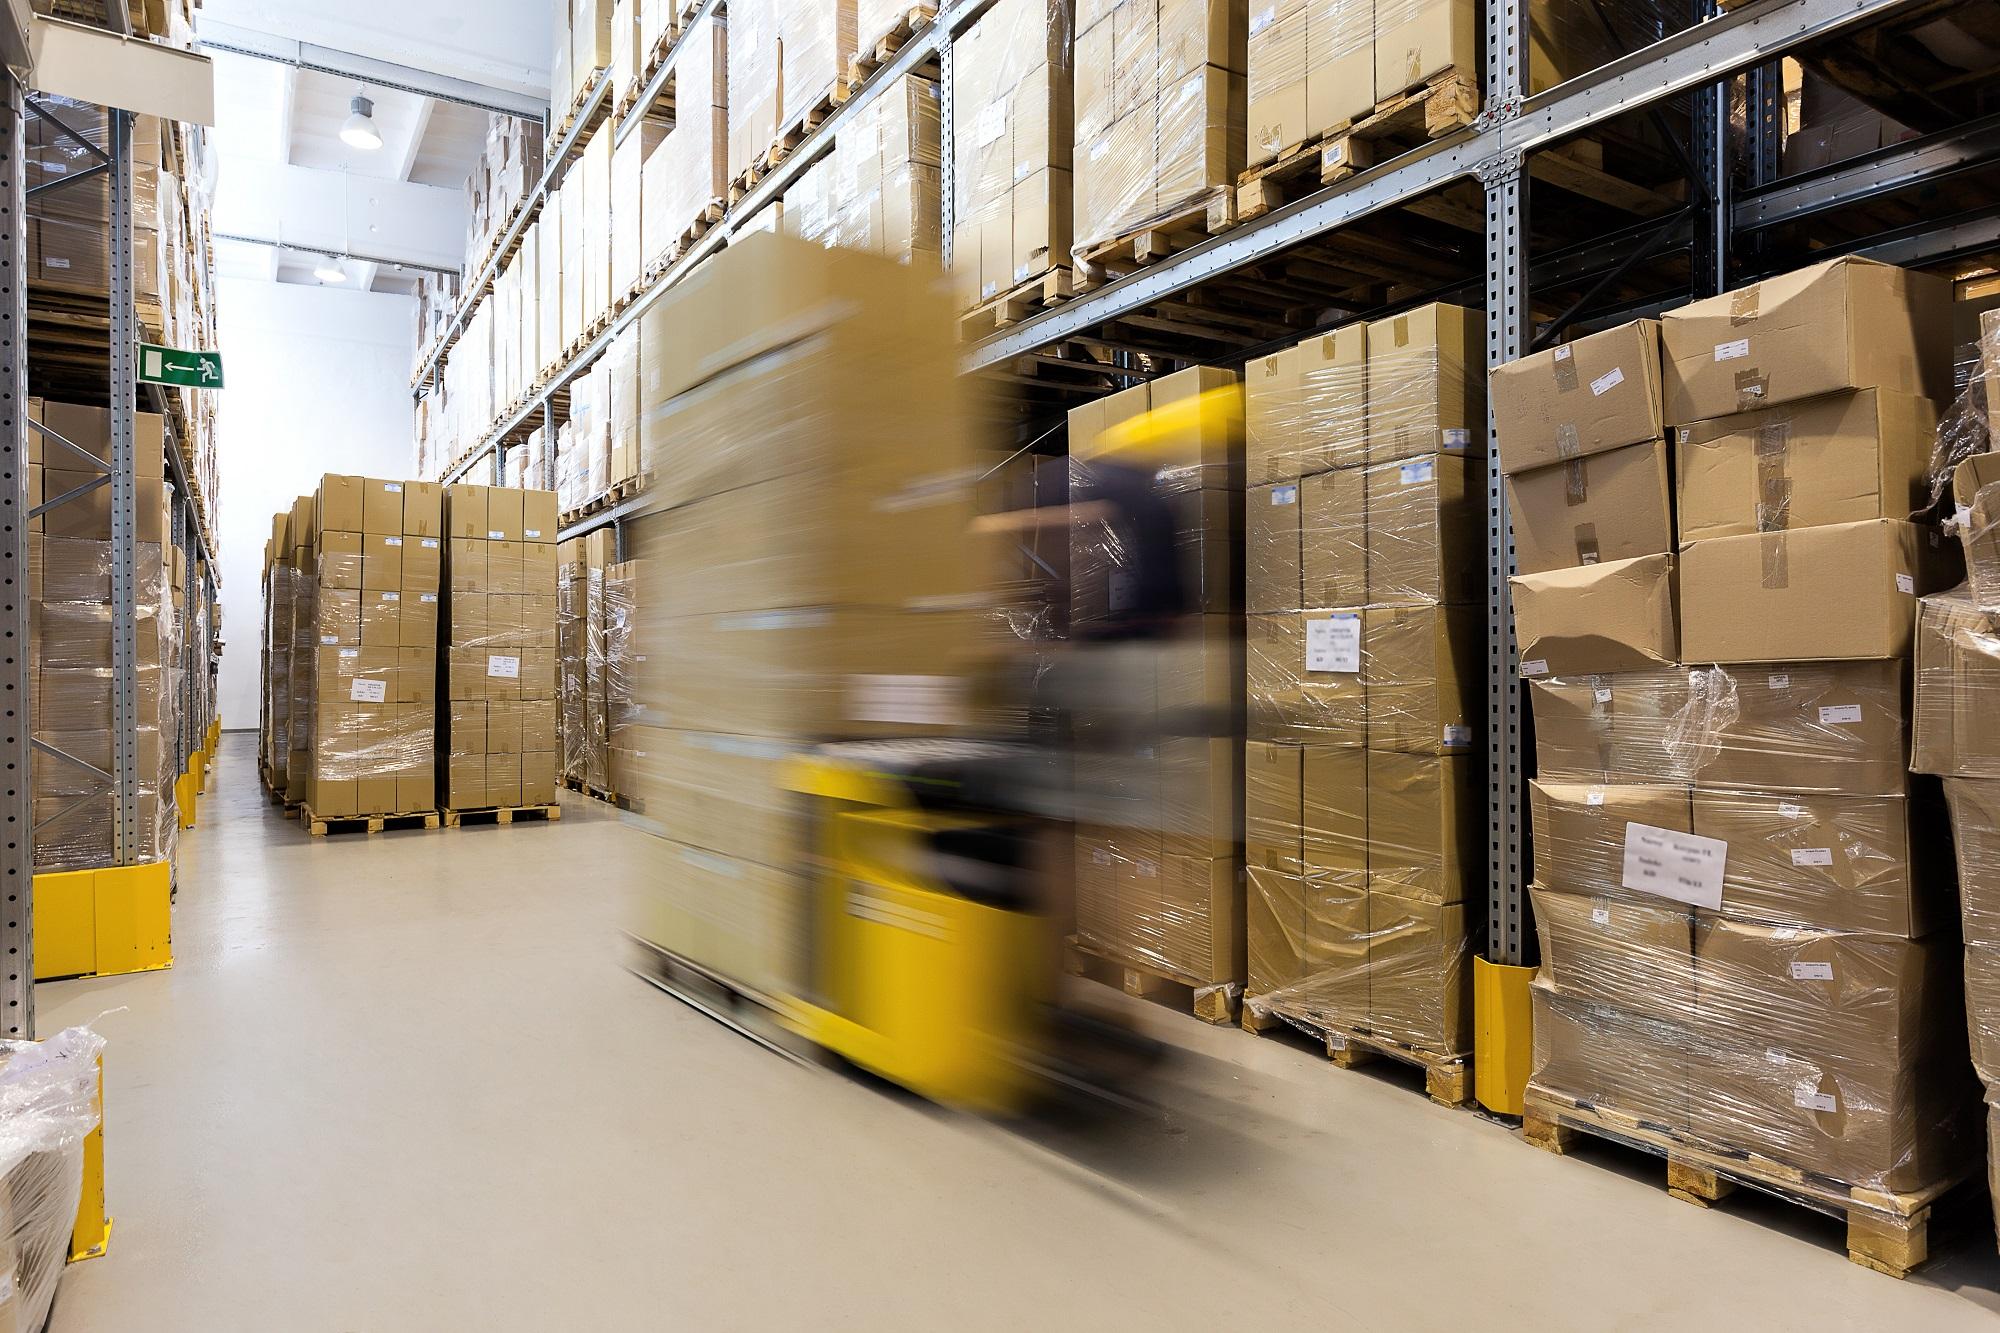 Traçabilité des palettes en logistique